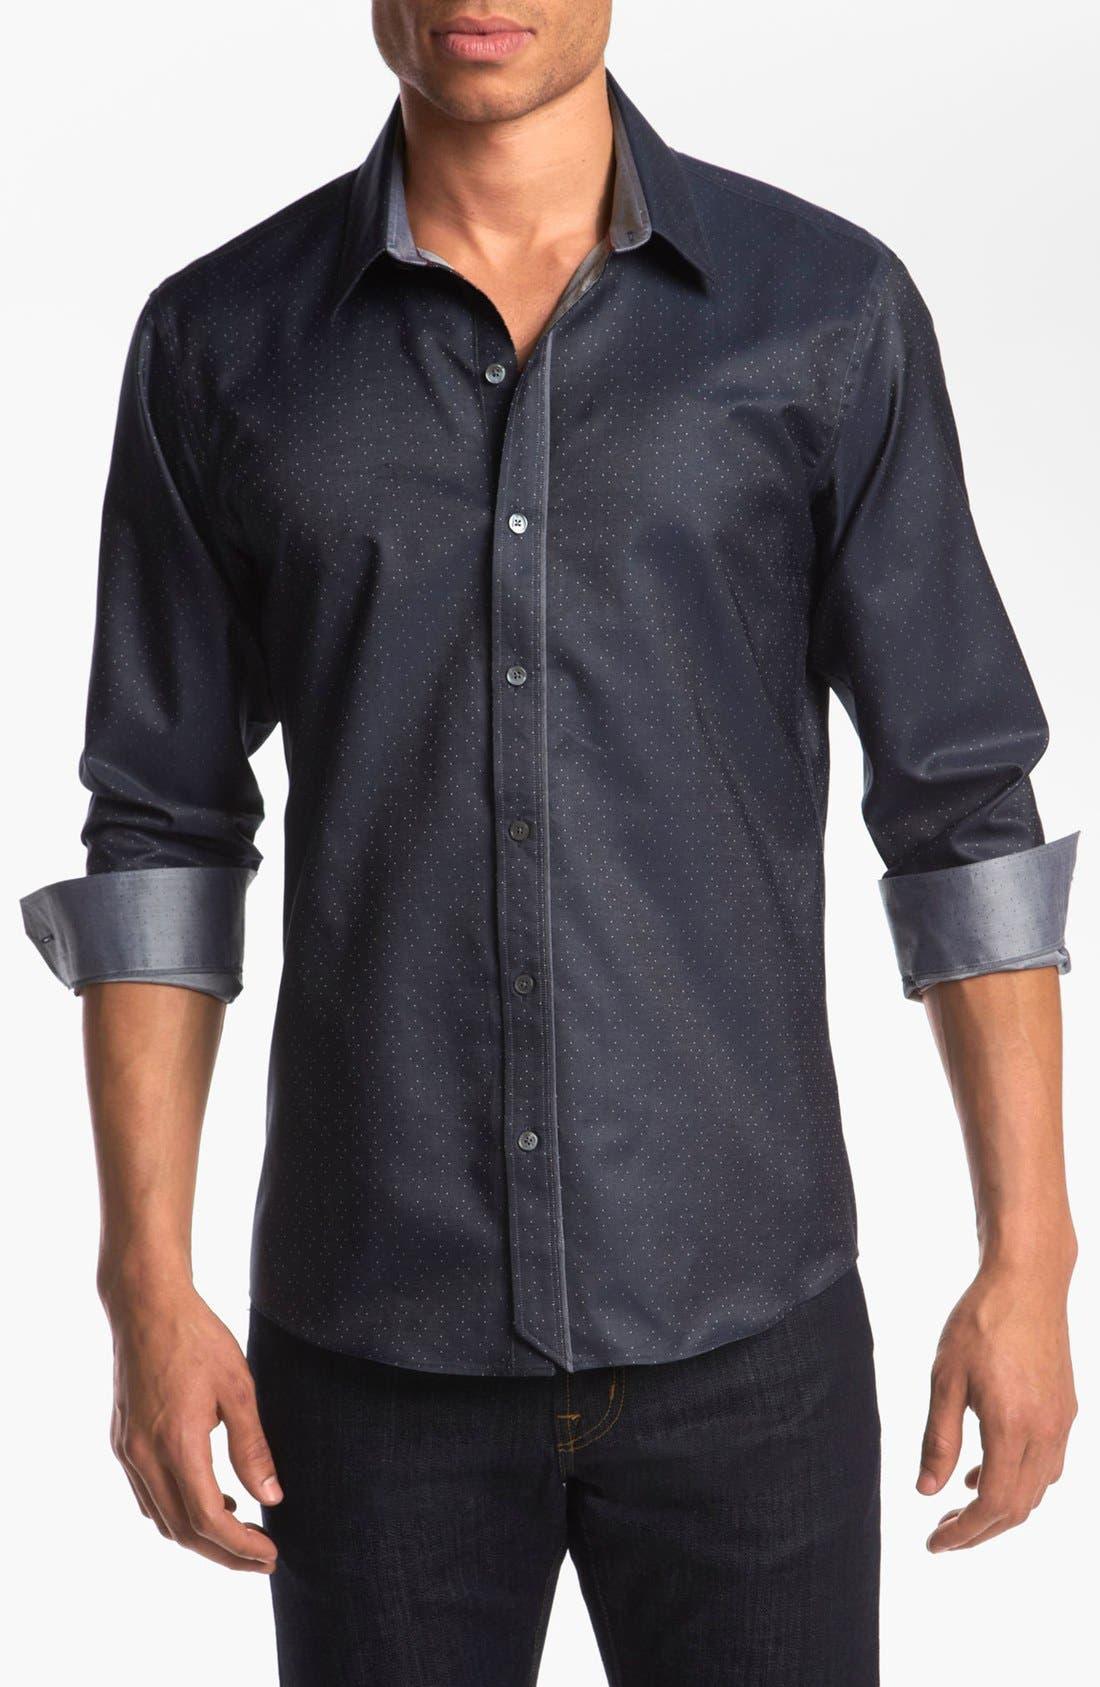 Main Image - Kenson 'Vertigo' Sport Shirt